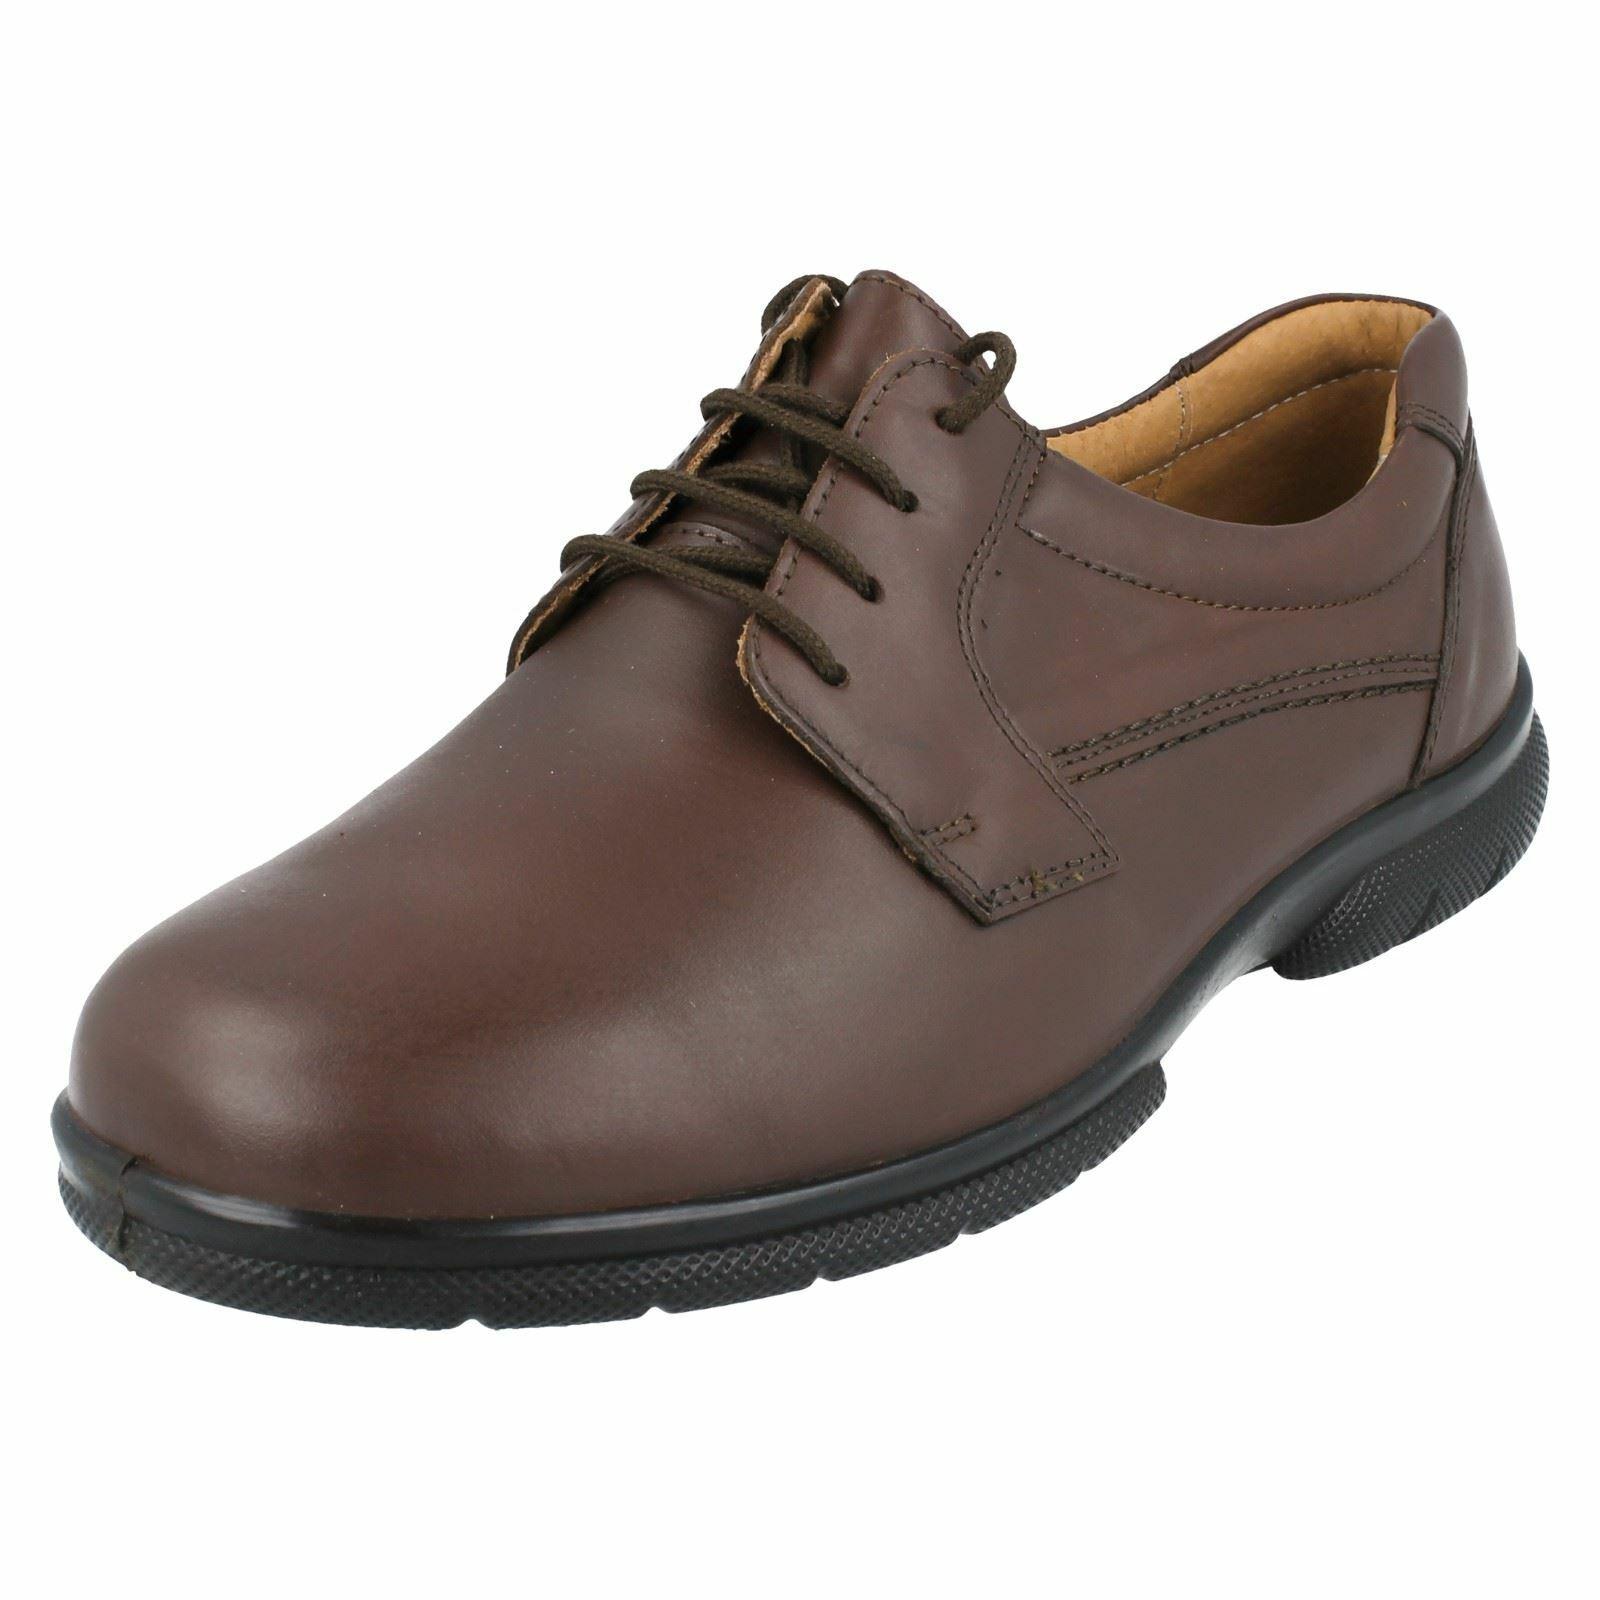 Mens Easy B Leather schuhe Hailsham